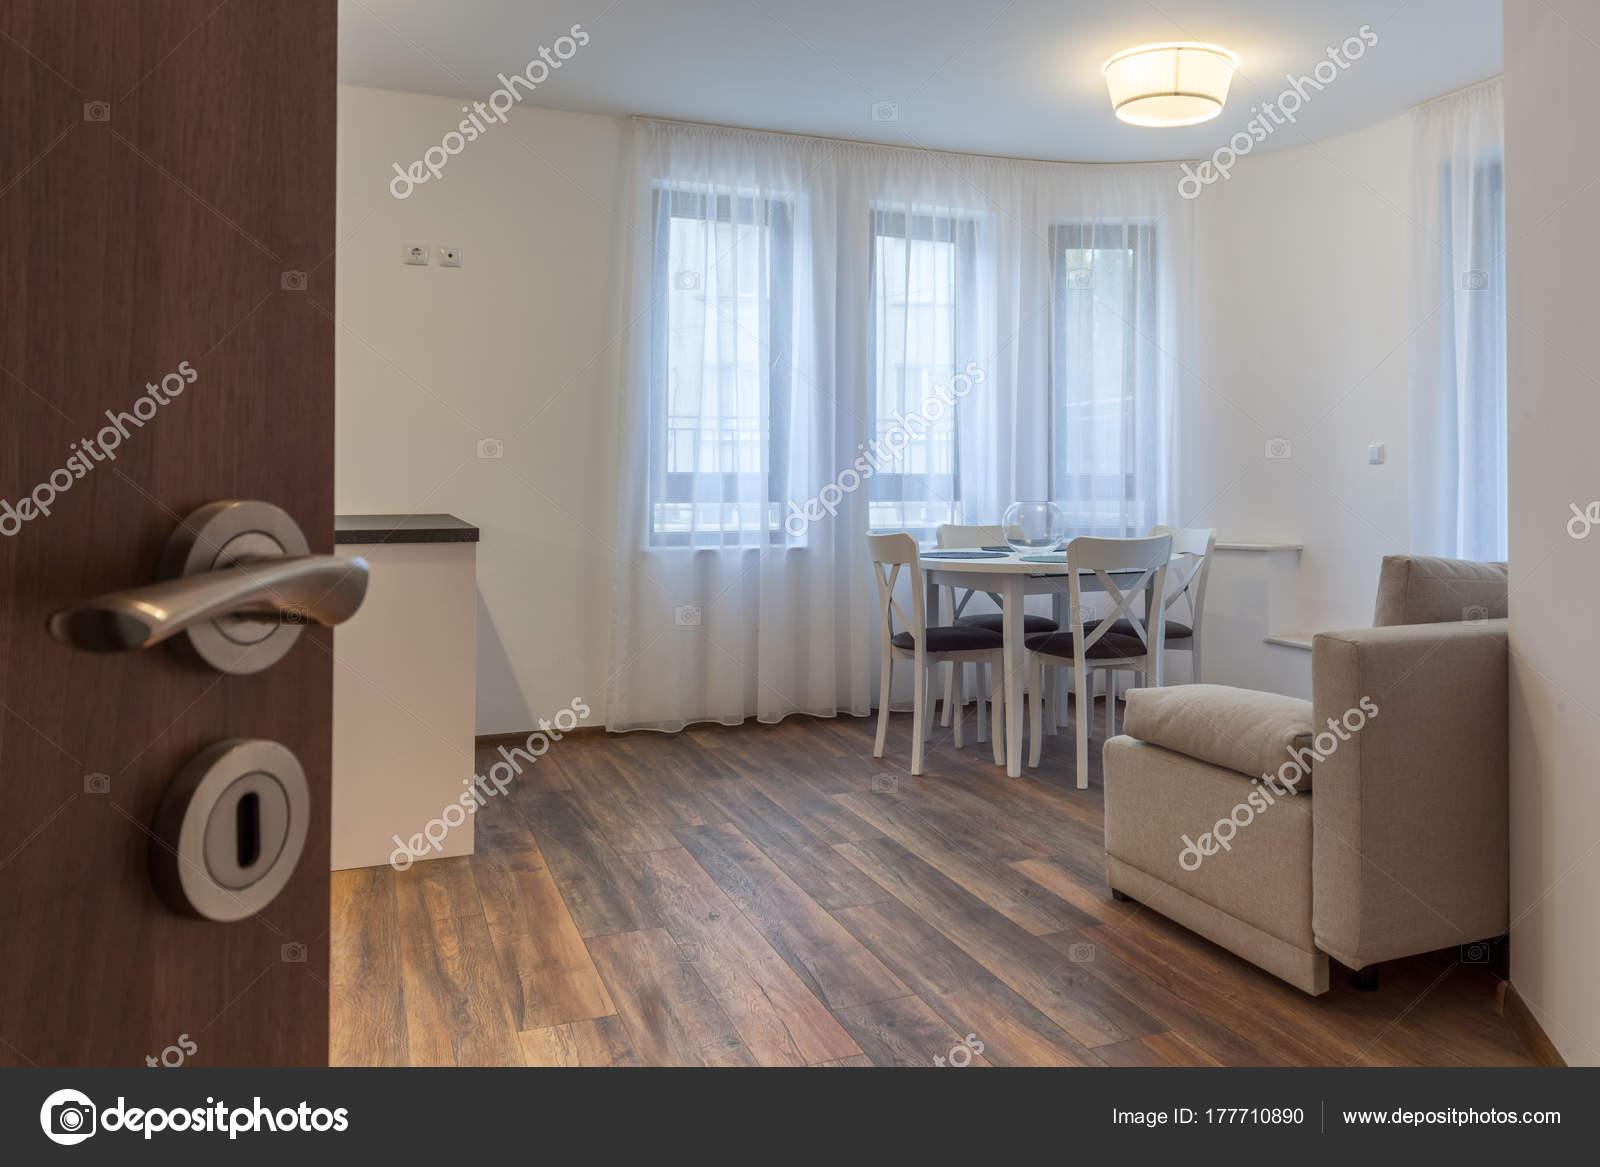 Offene Tür für neue moderne Wohnzimmer. Neues Zuhause. Interieur ...